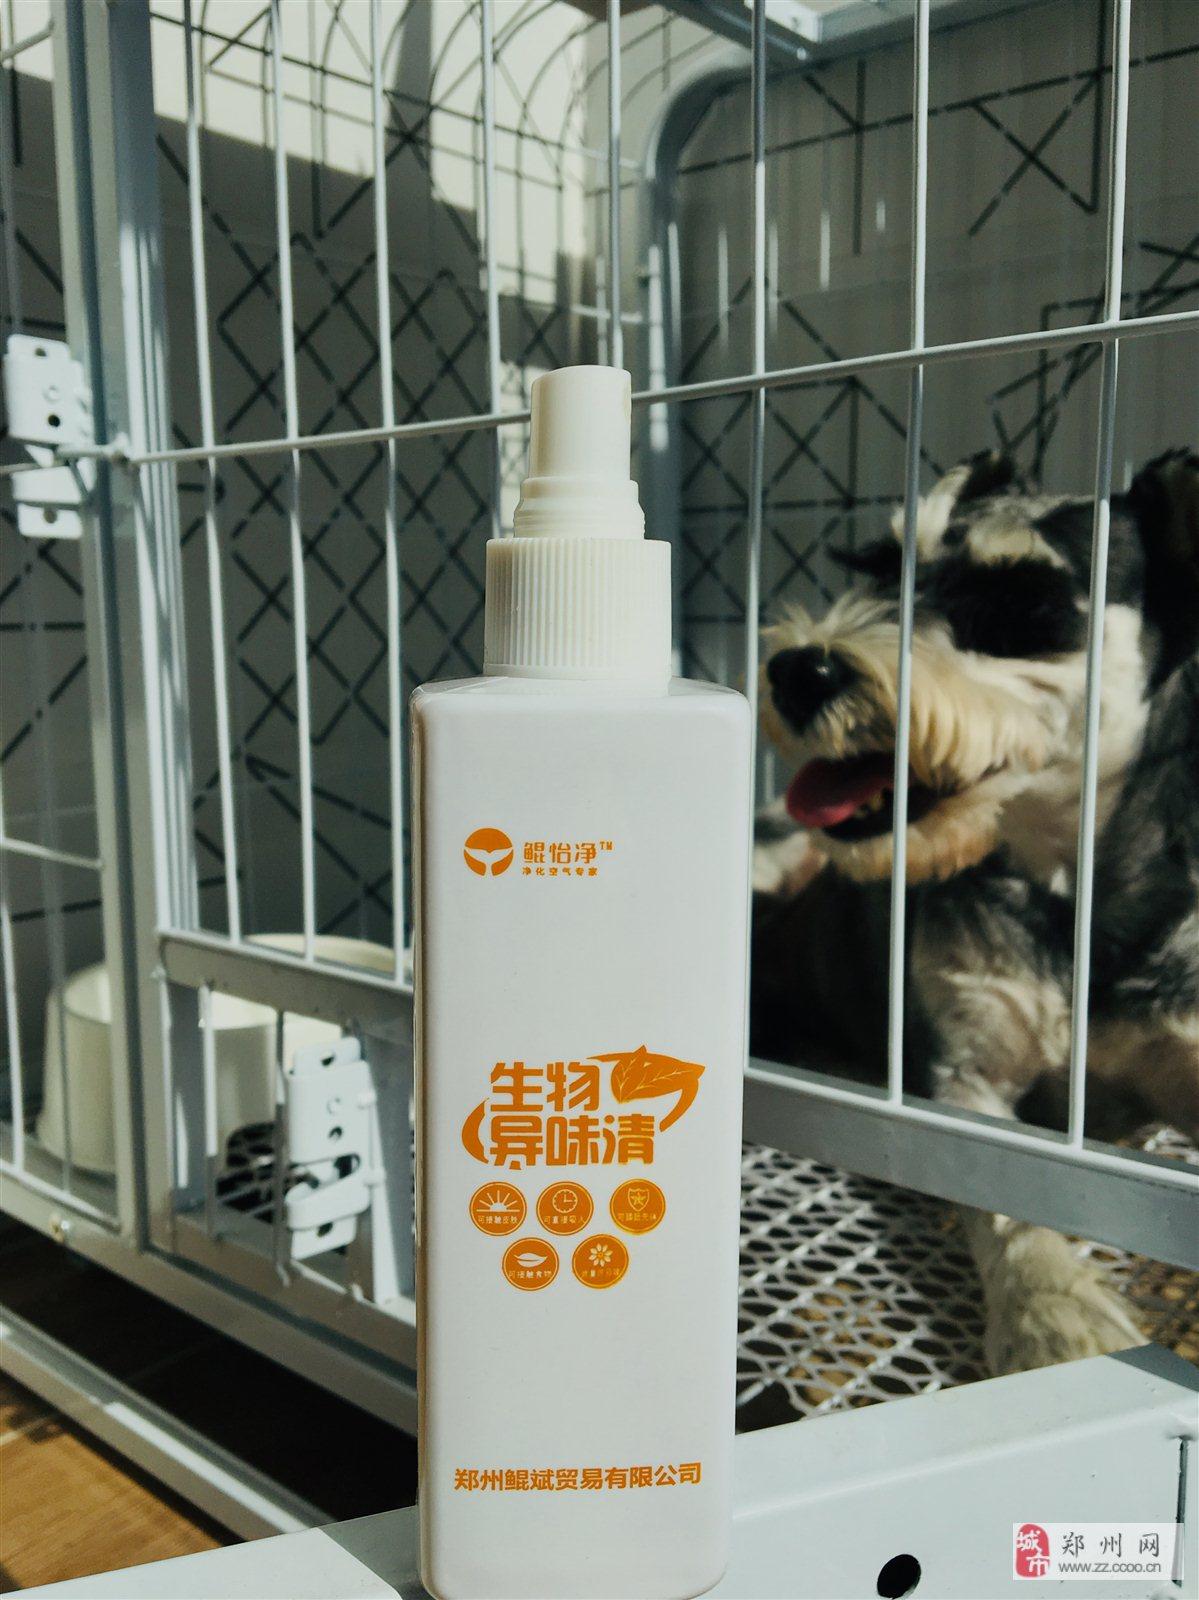 狗狗小貓寵物除味劑、益生菌除味技術,安全無害